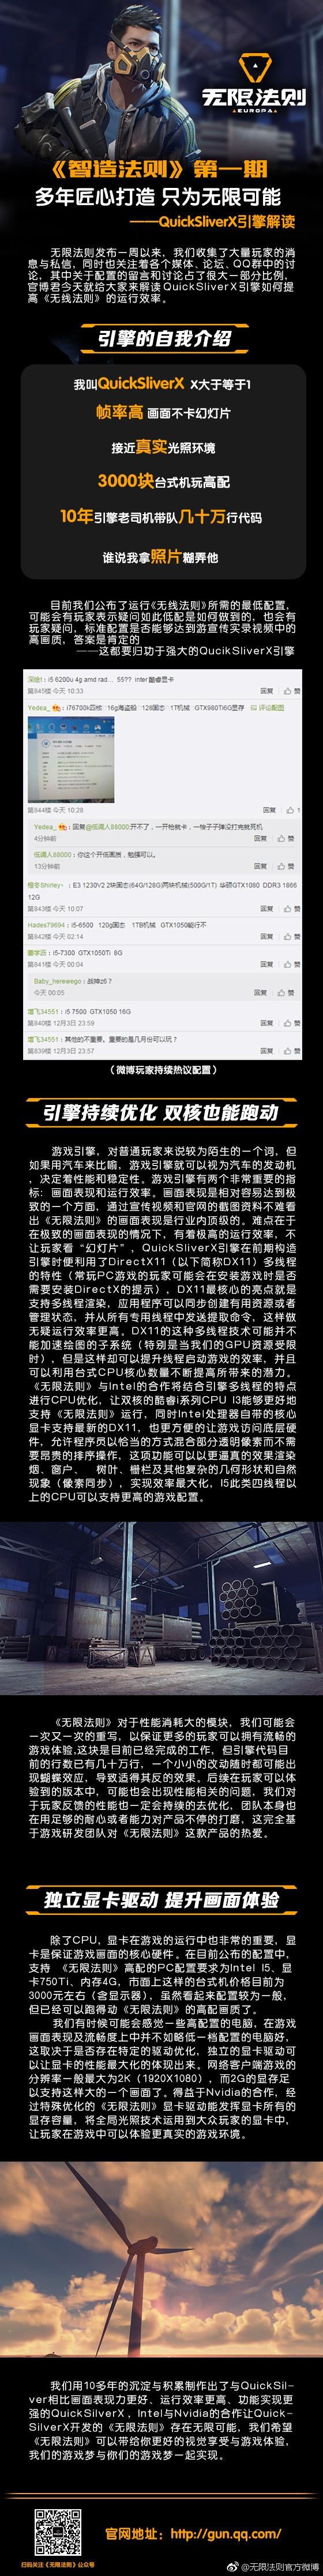 腾讯射击网游《无限法则》优化解密:独立显卡驱动